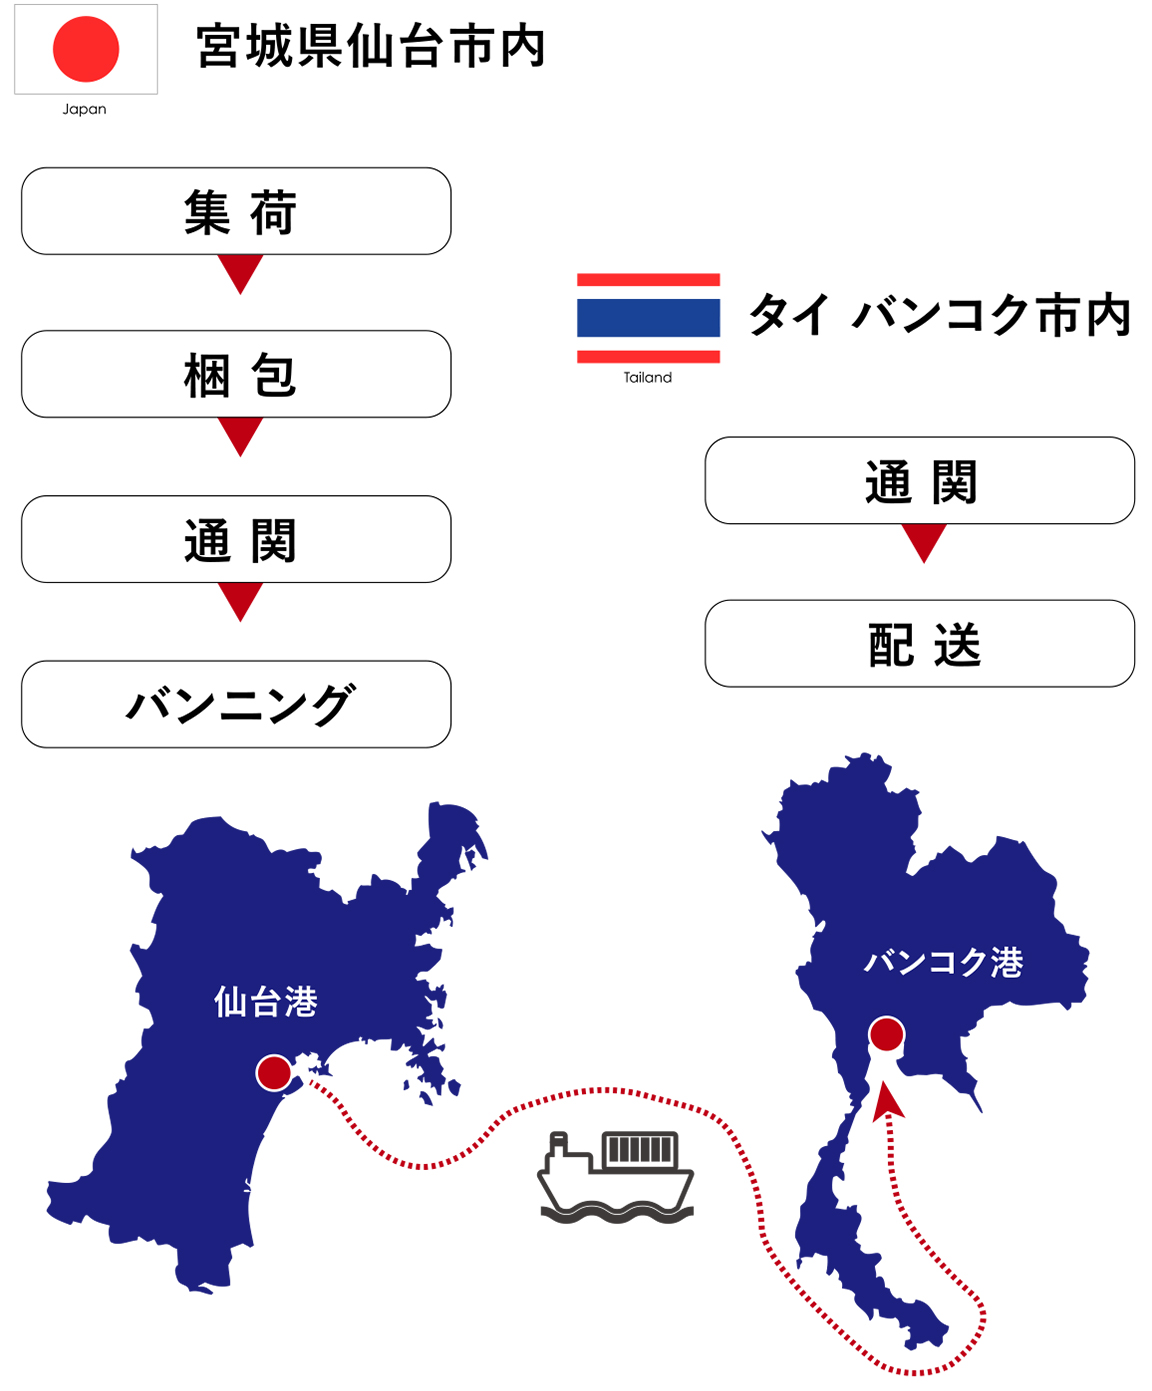 旋盤の輸出(日本⇒タイ)